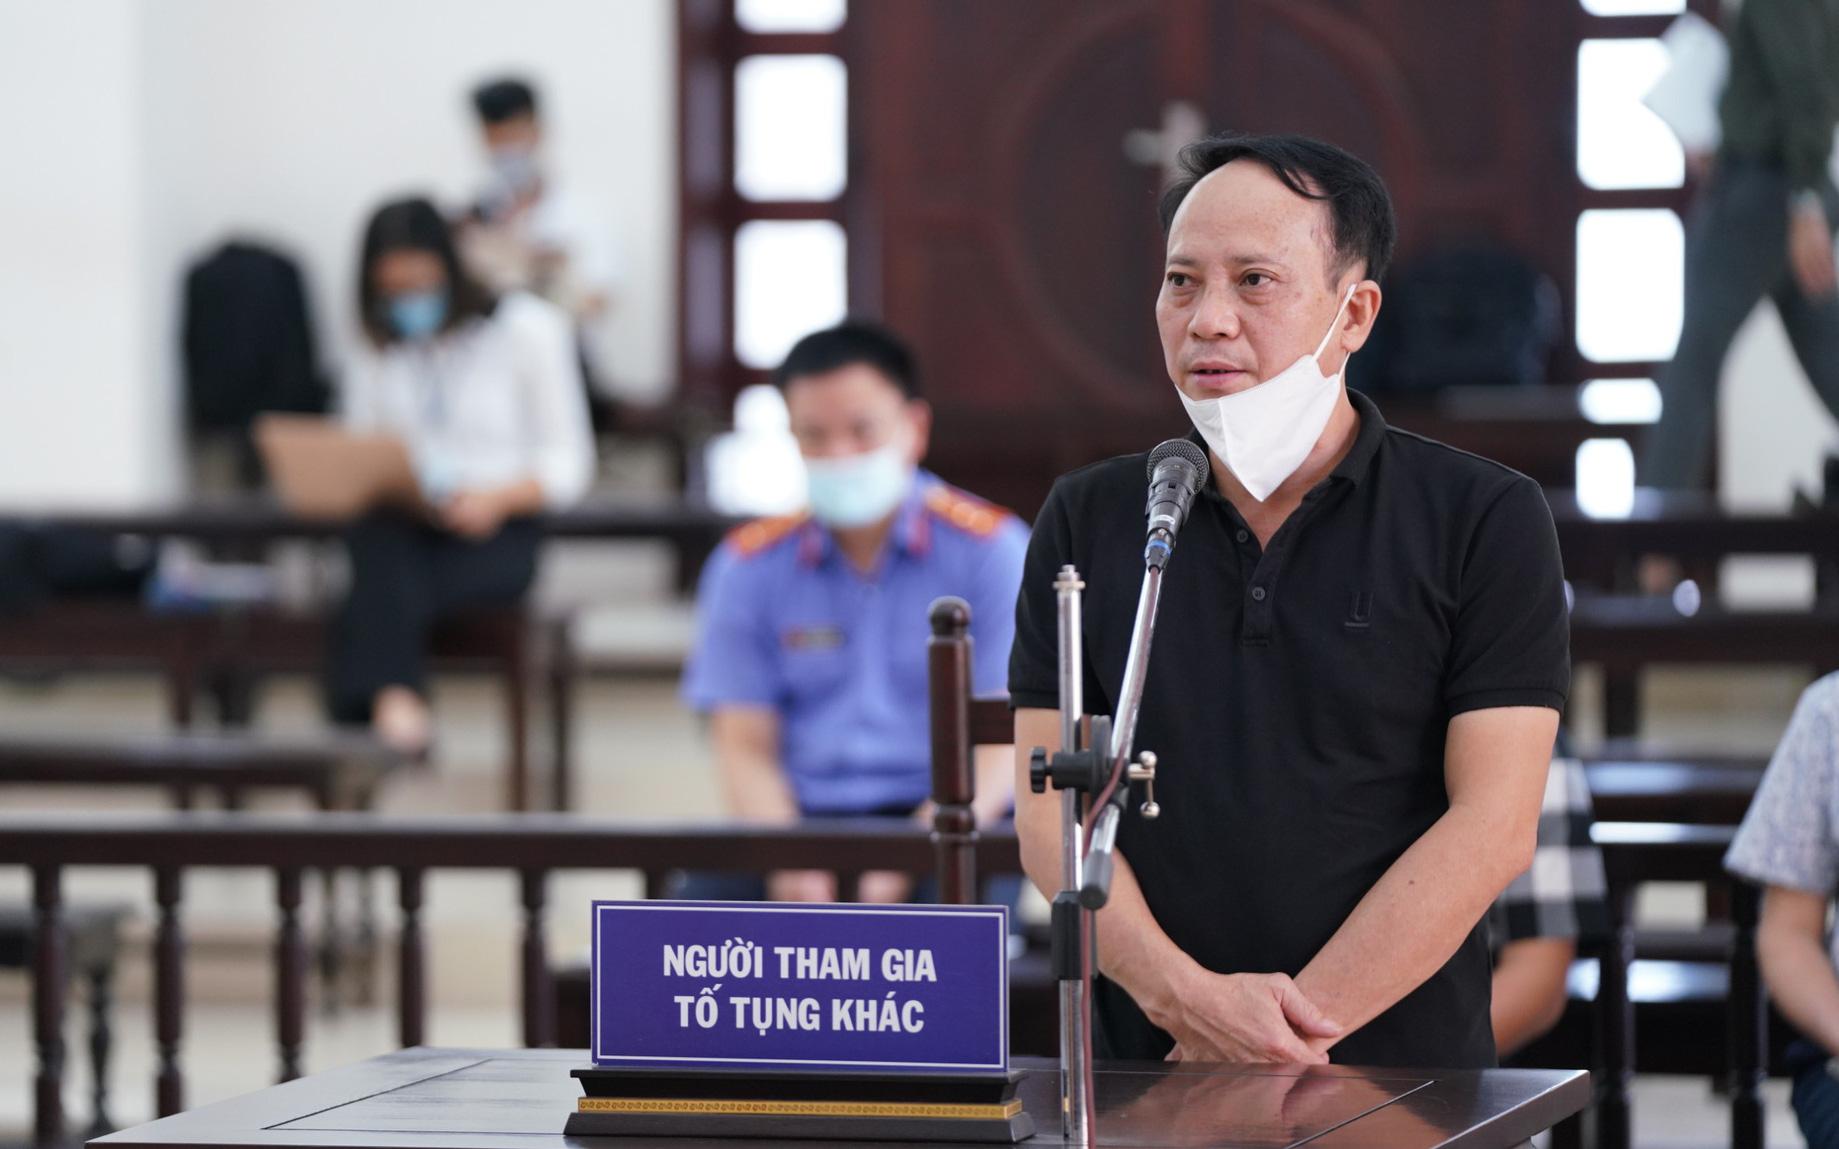 Xử vụ Ethanol Phú Thọ: Vì sao Giám đốc Công ty Mai Phương đề nghị bồi thường thay cho Trịnh Xuân Thanh?